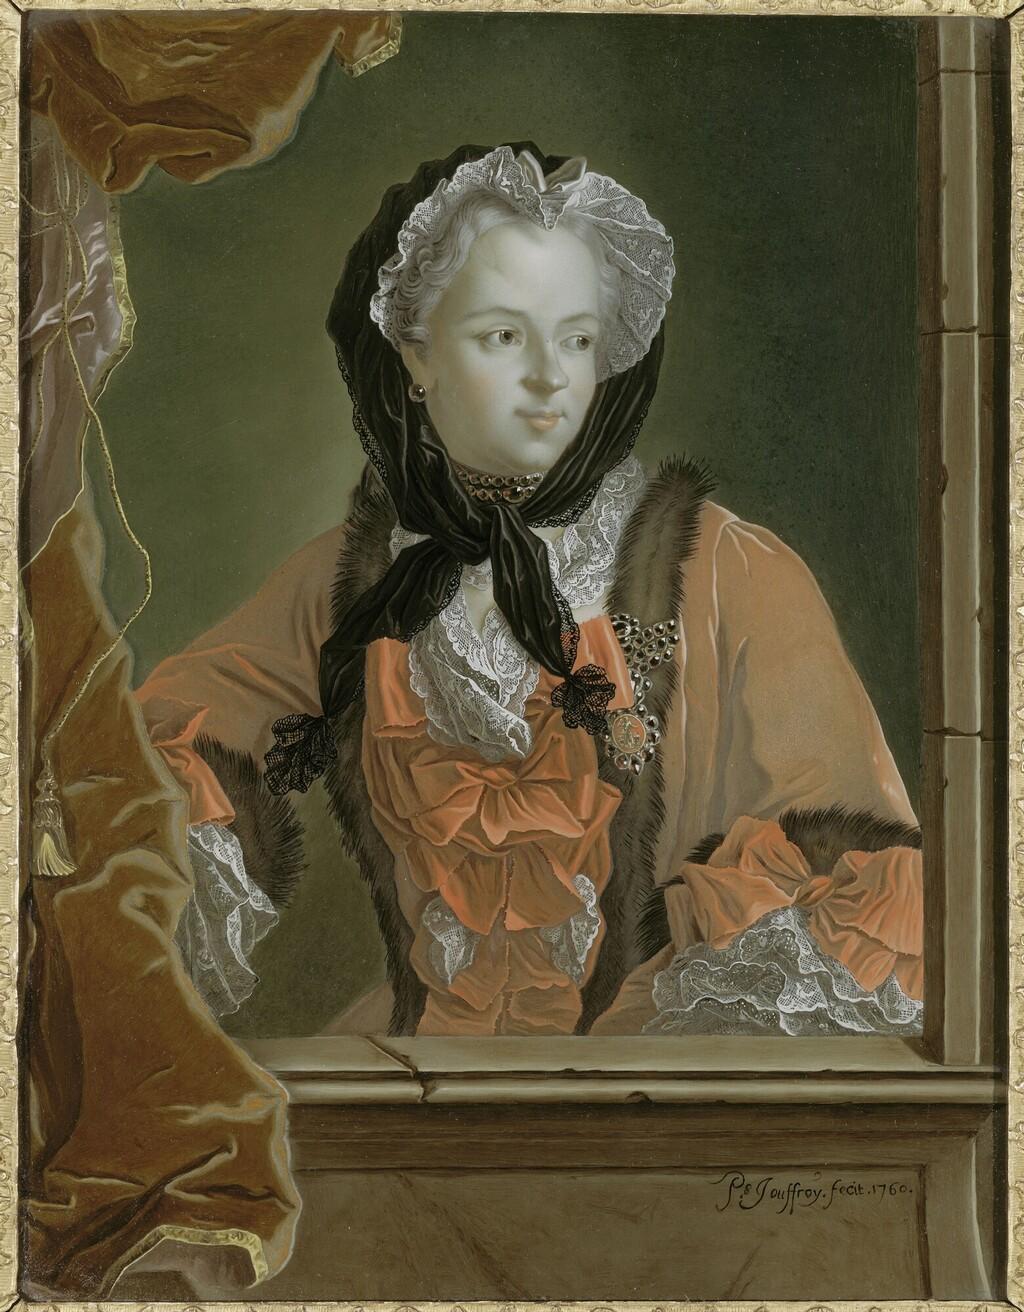 La peinture sous / sur verre chinoise au XVIIIe siècle Image301